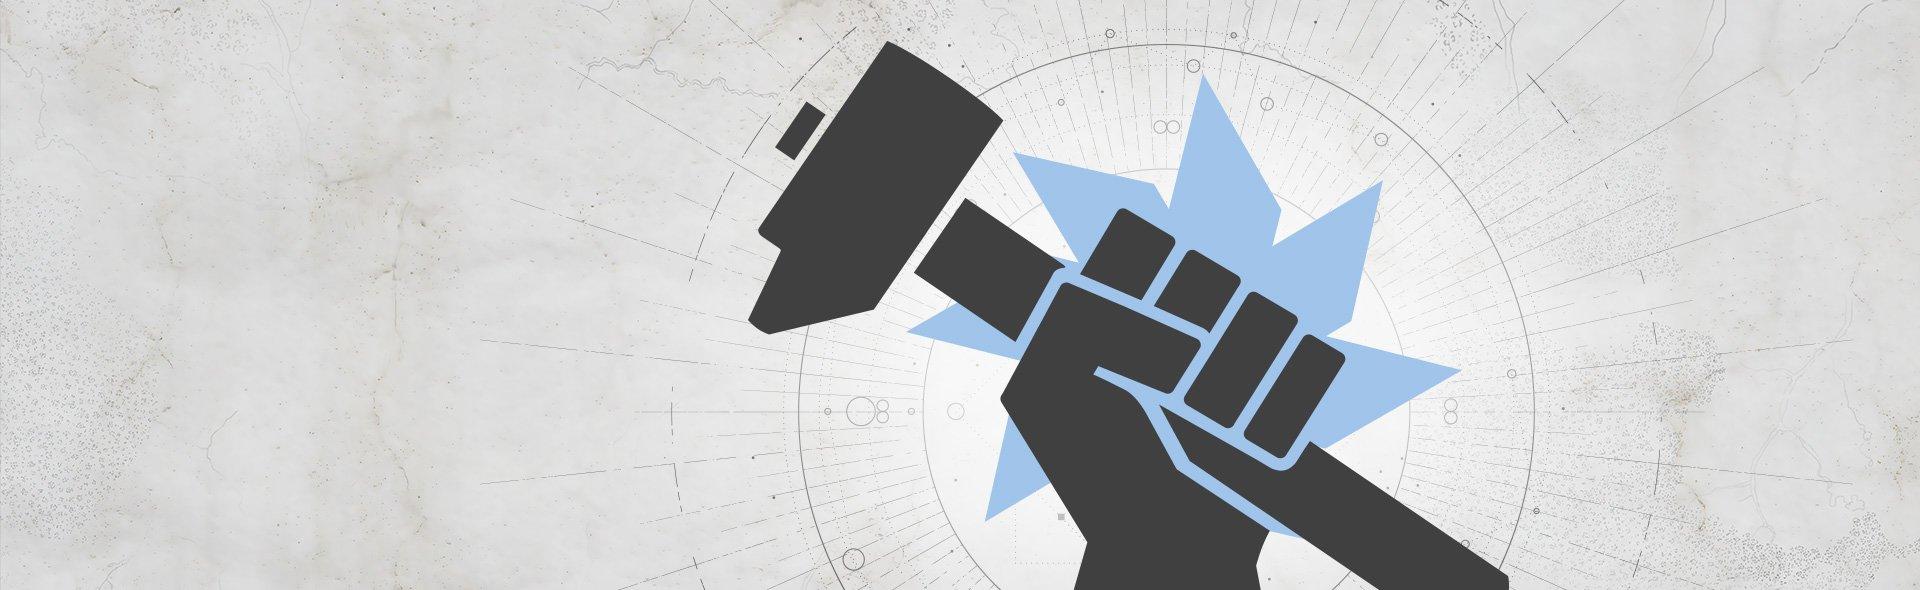 PatchBot for Destiny 2 | PatchBot